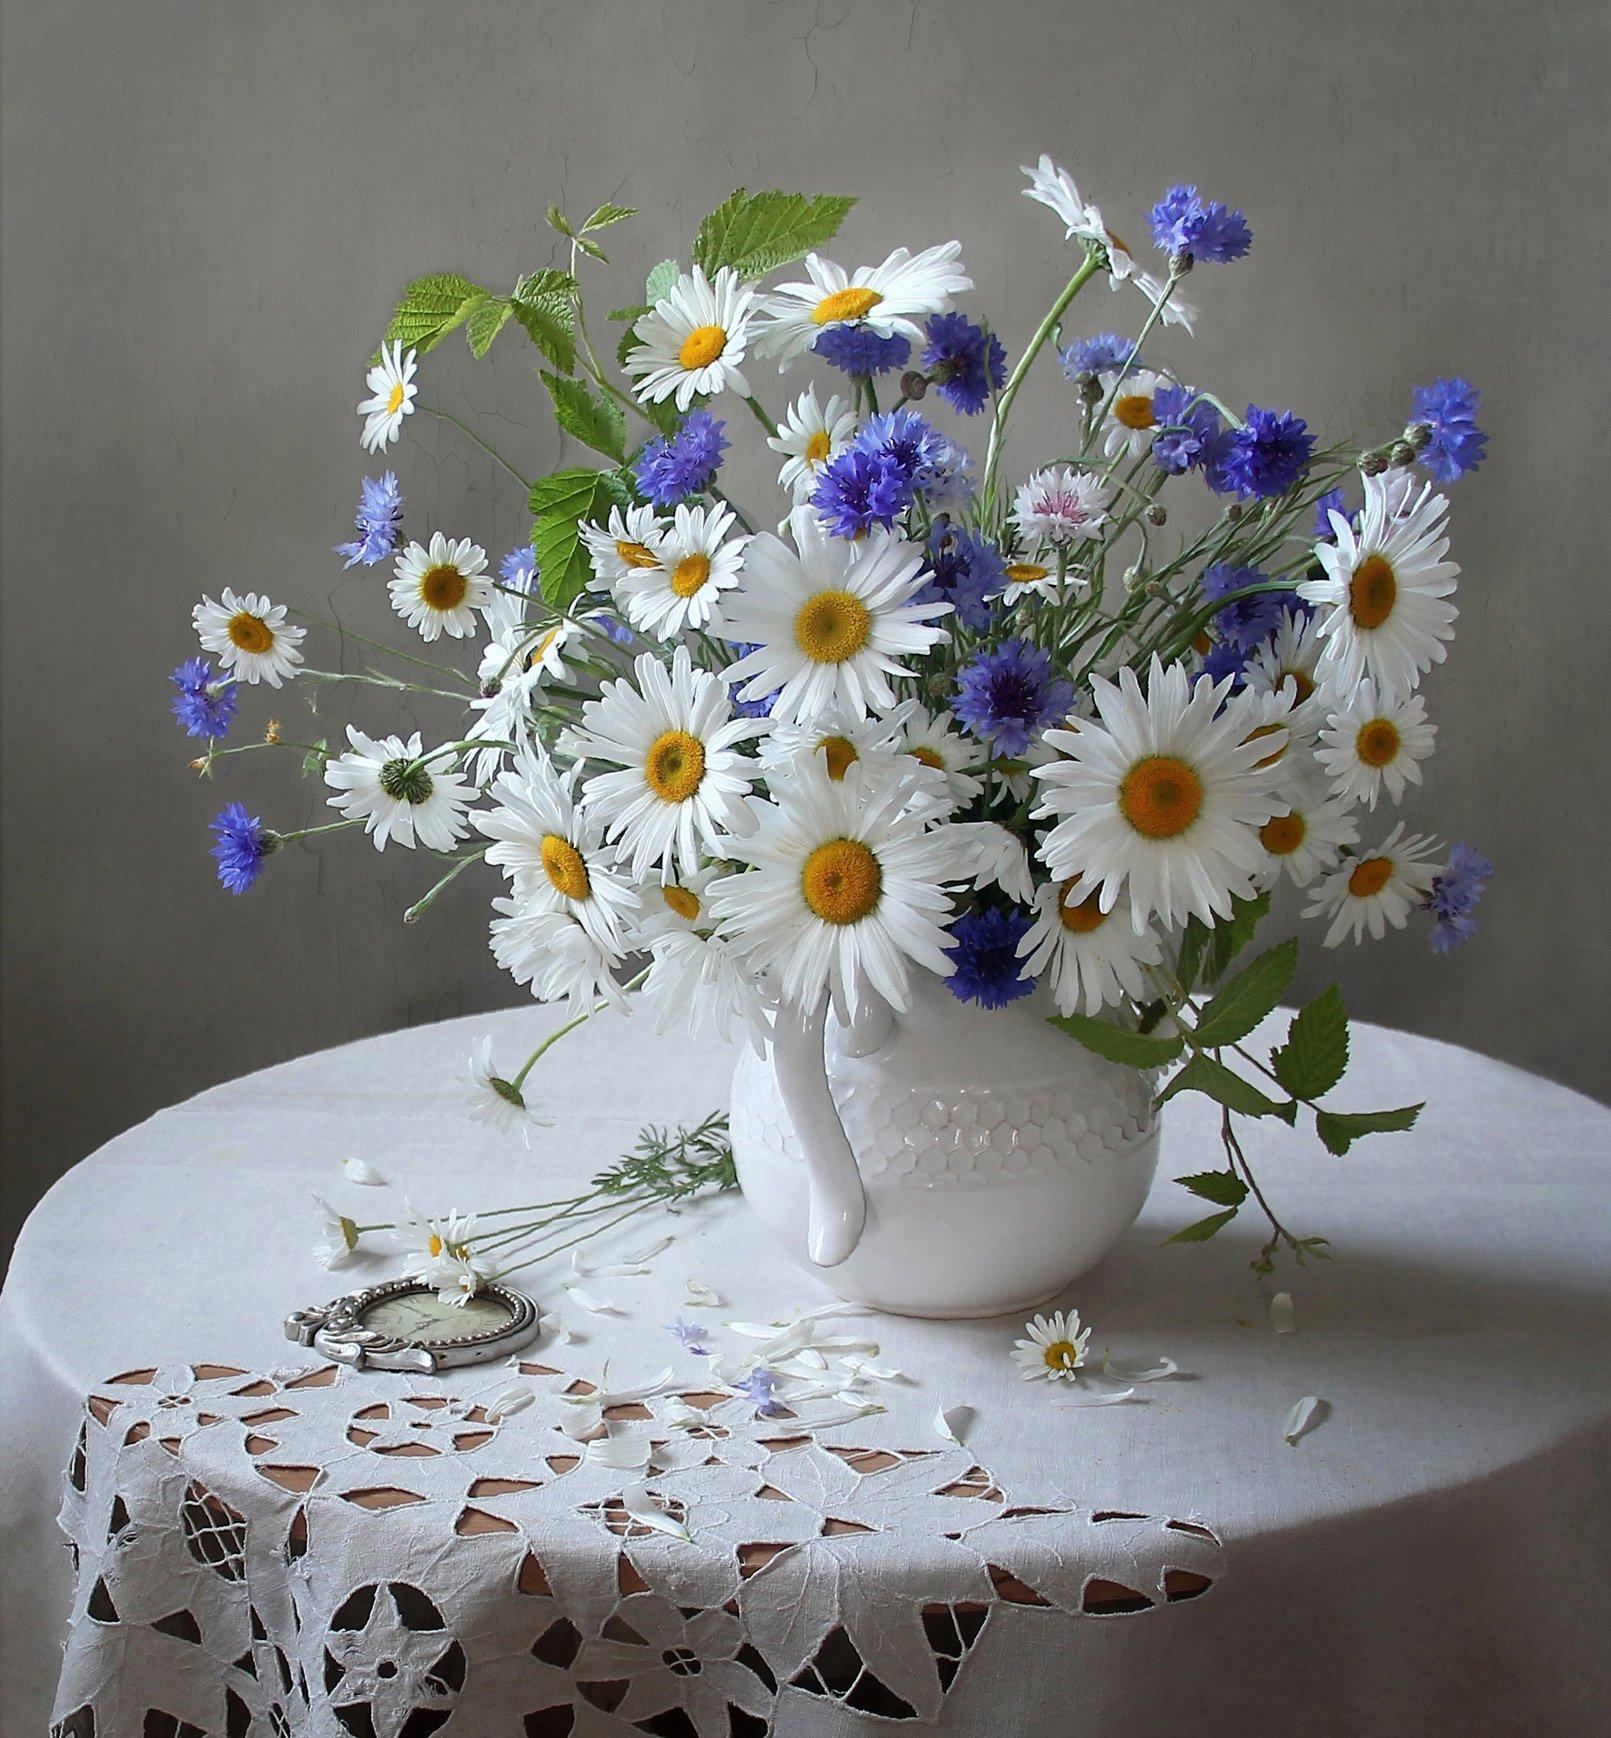 с днем рождения картинки полевые цветы понять, какие настроения